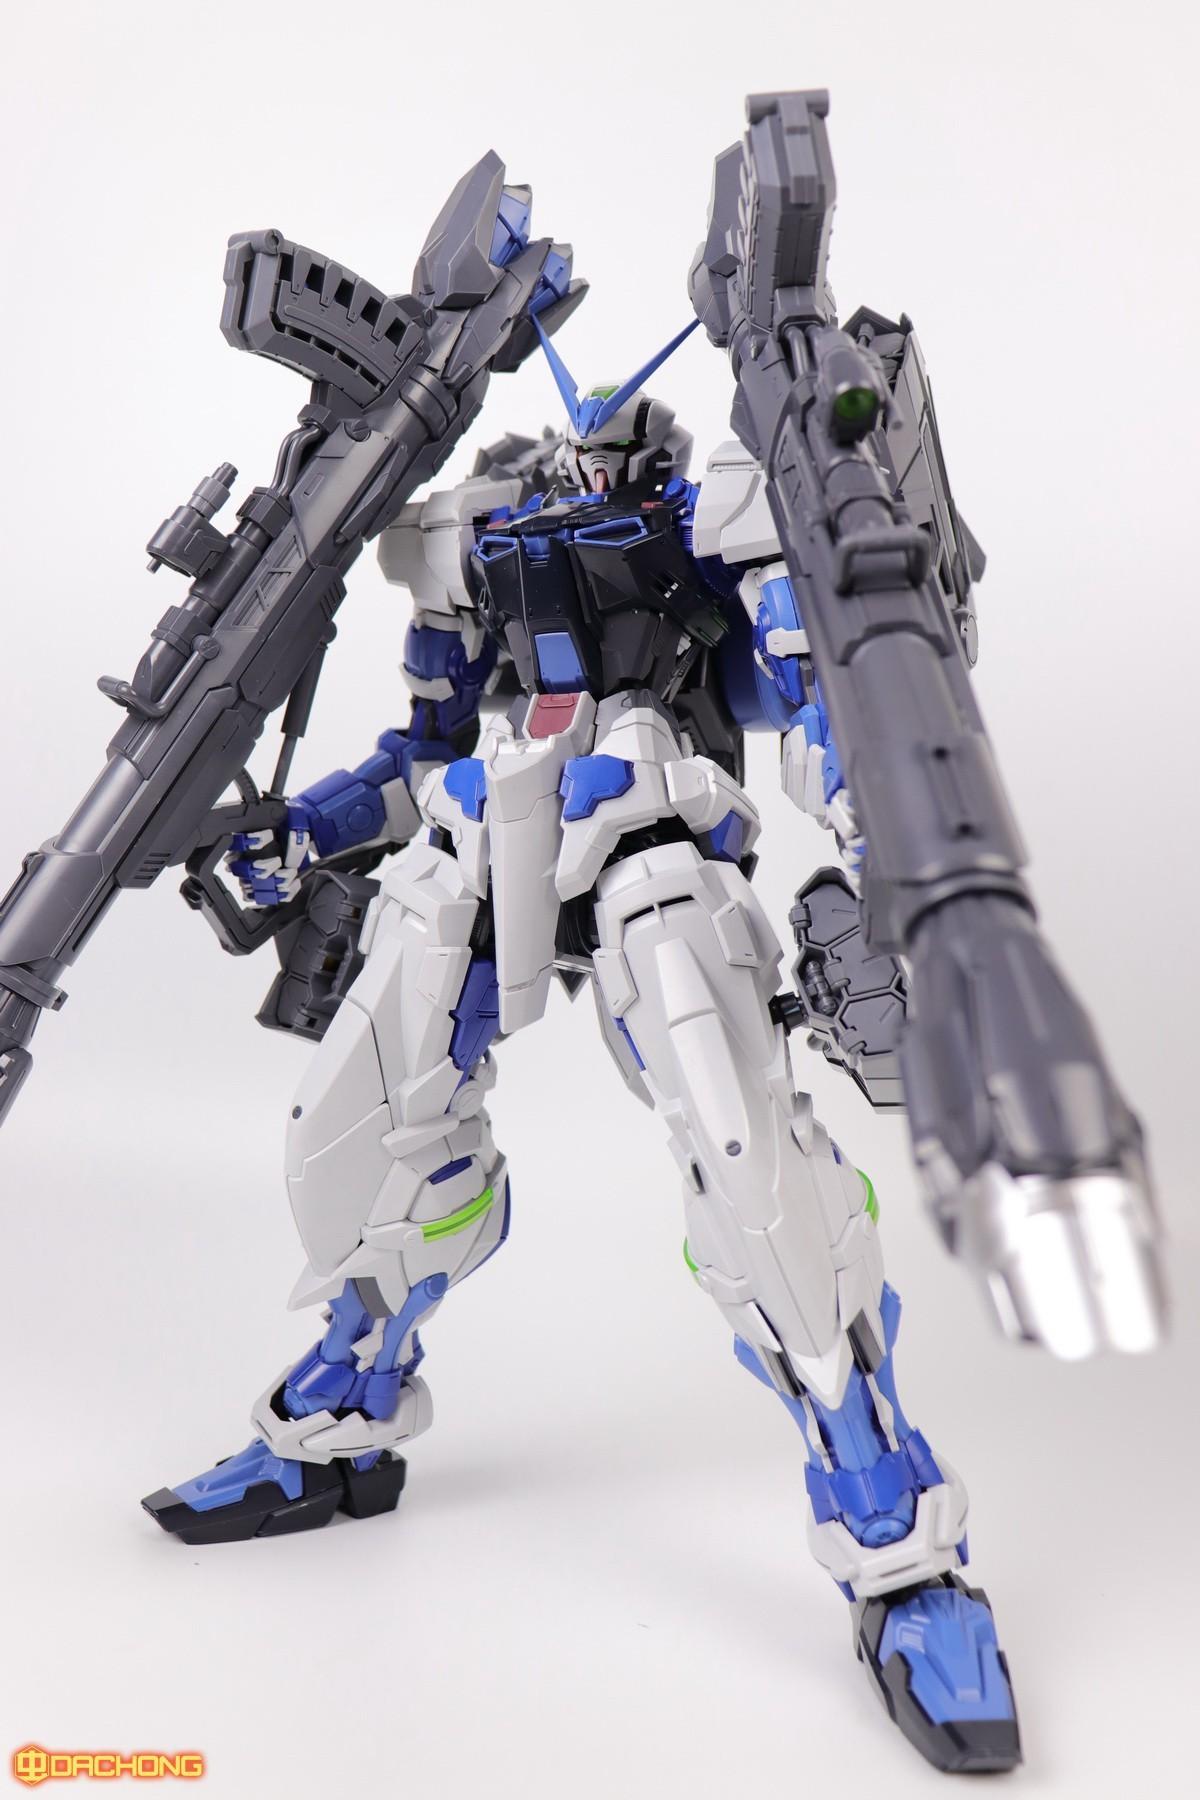 S306_blue_frame_astray_60_064.jpg